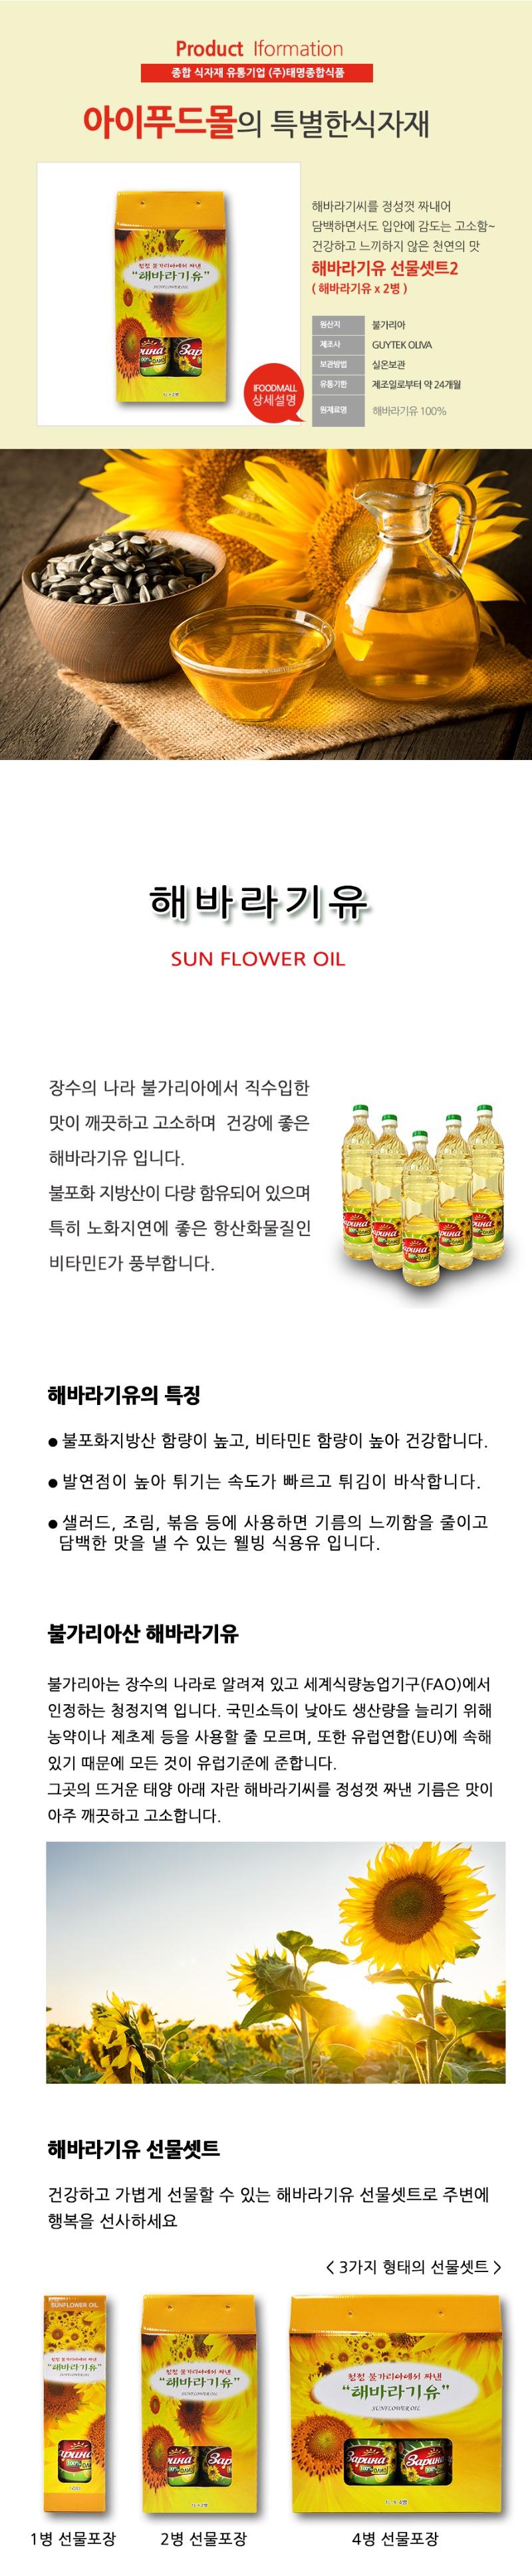 해바라기유 선물셋트2 상품정보1.jpg